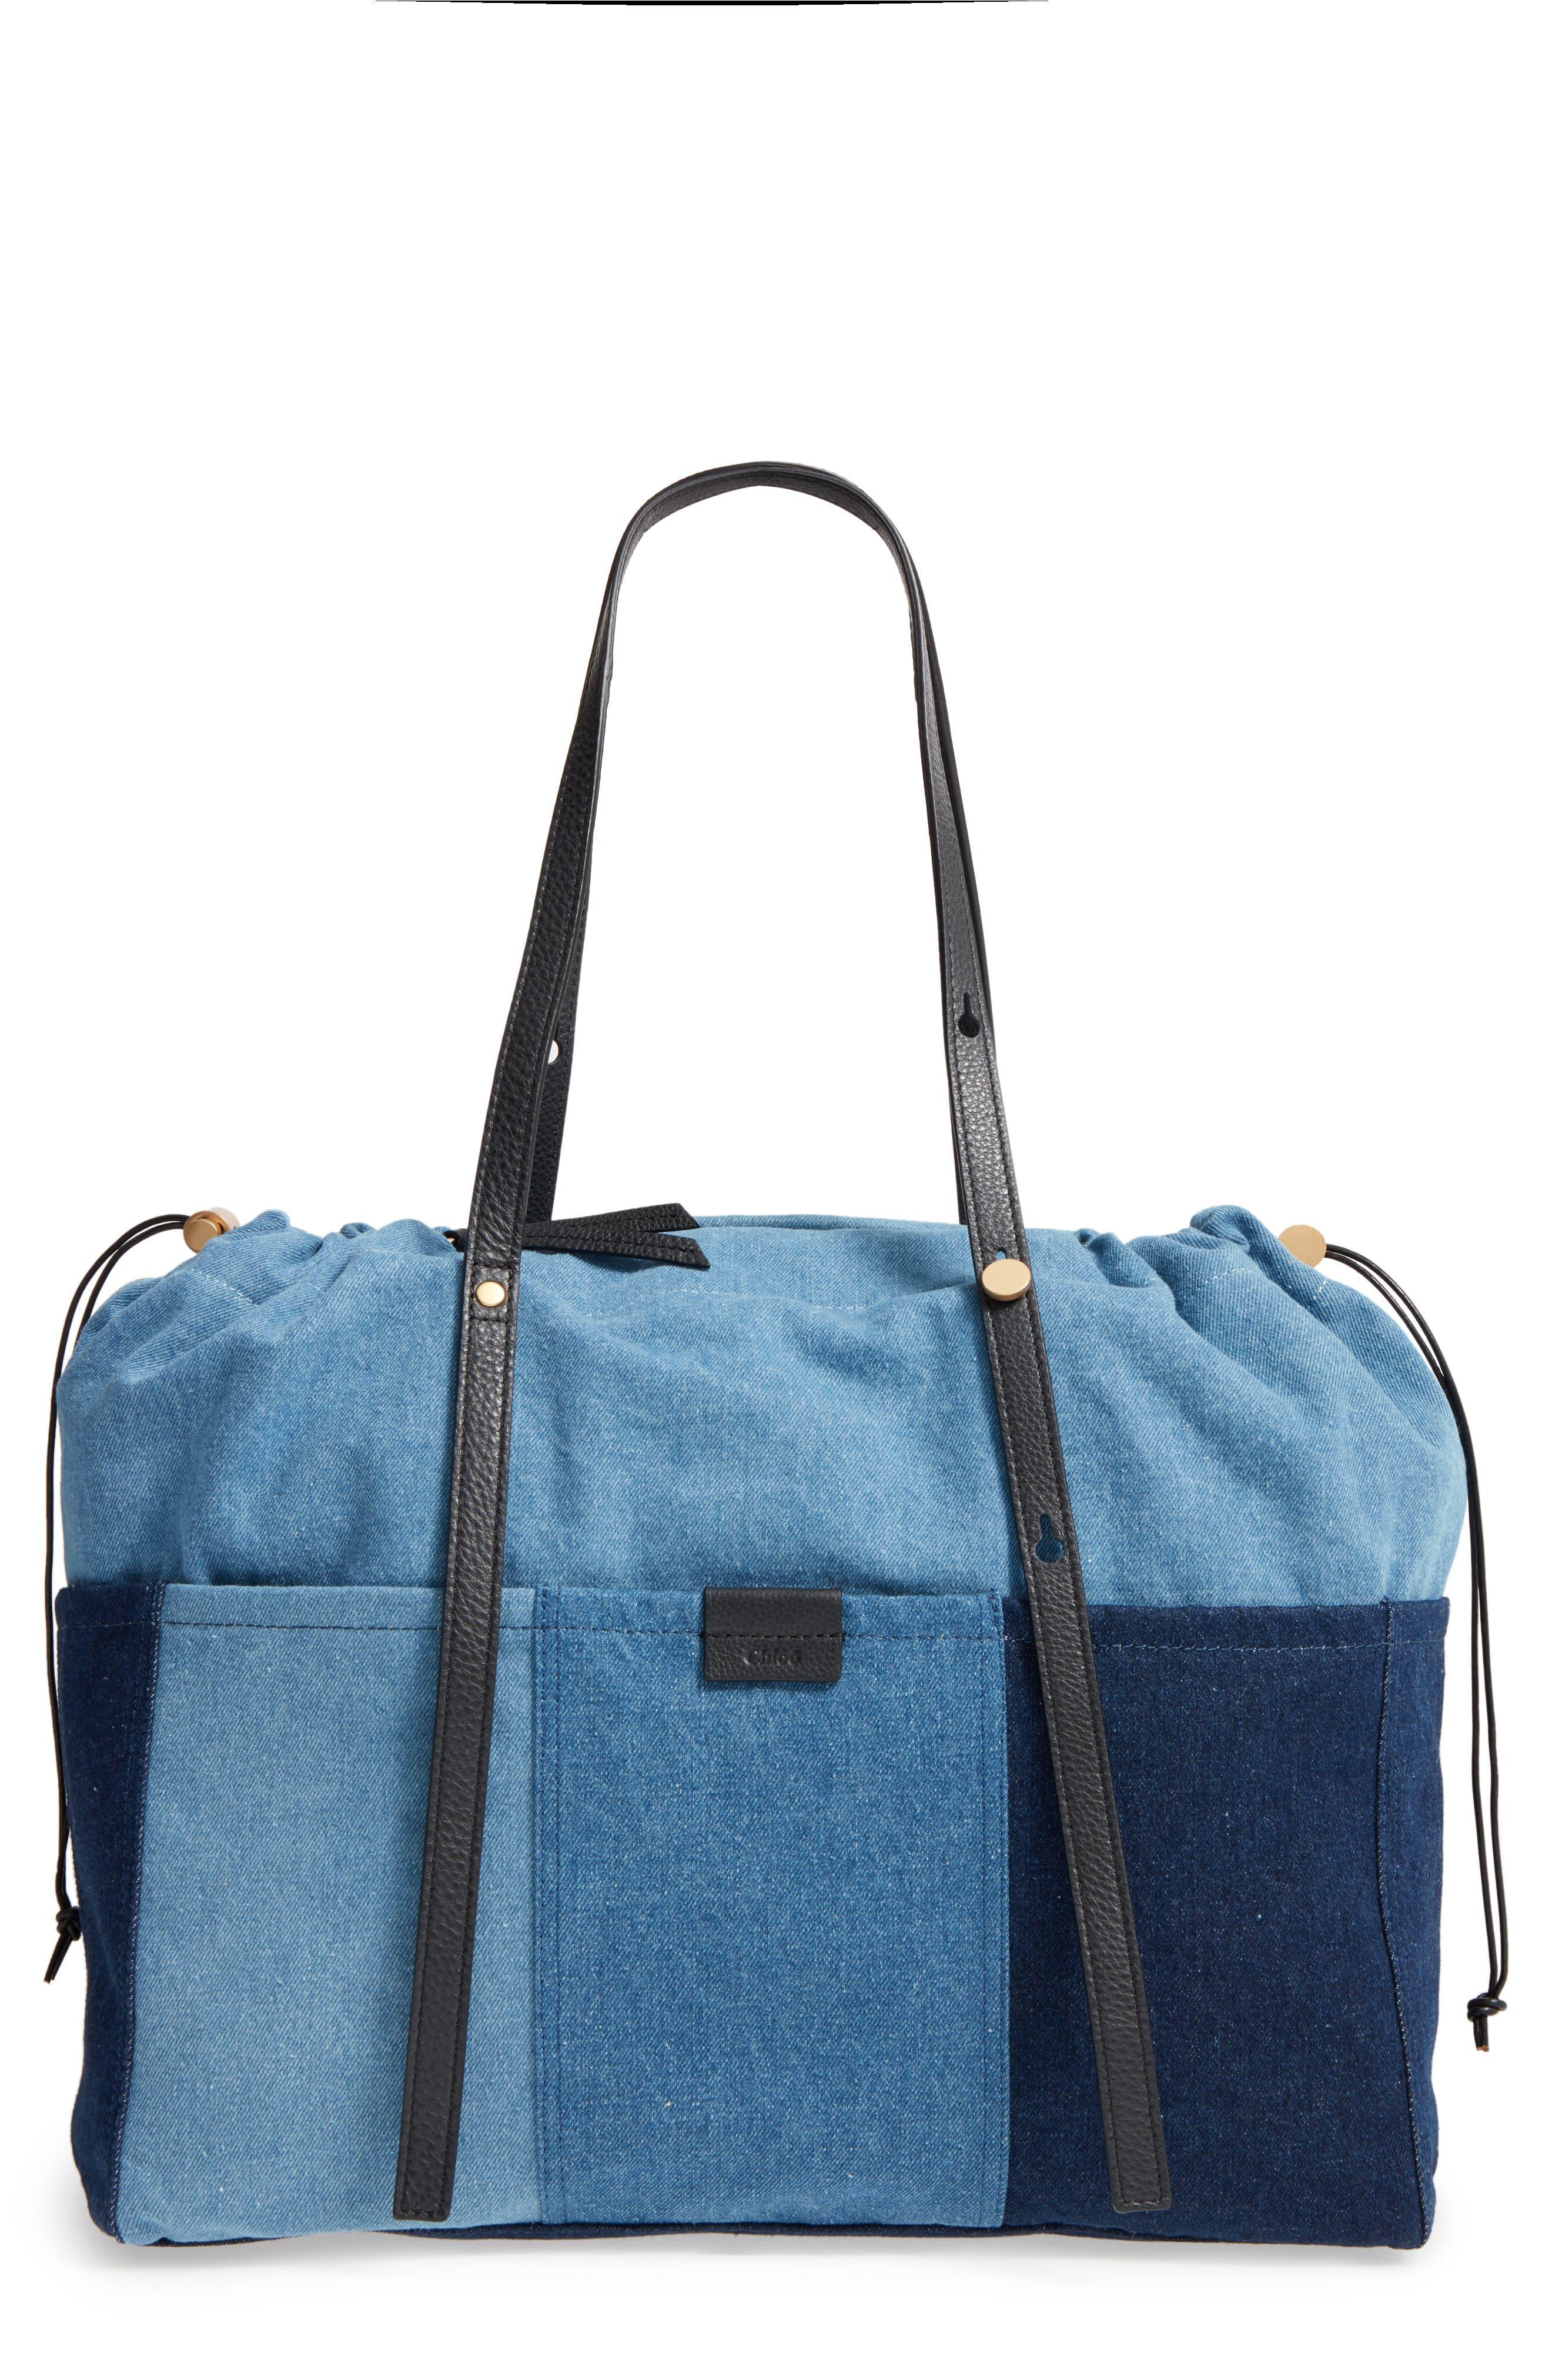 Denim Diaper Bag,                             Main thumbnail 1, color,                             460